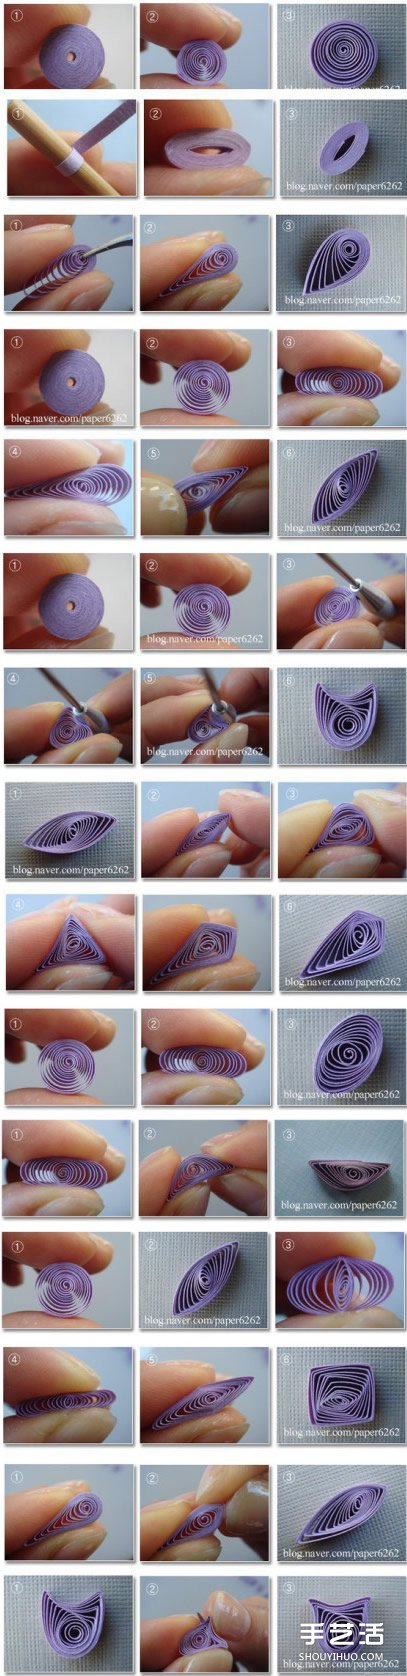 衍纸基础造型的做法 衍纸卷法DIY图解教程 -  www.shouyihuo.com